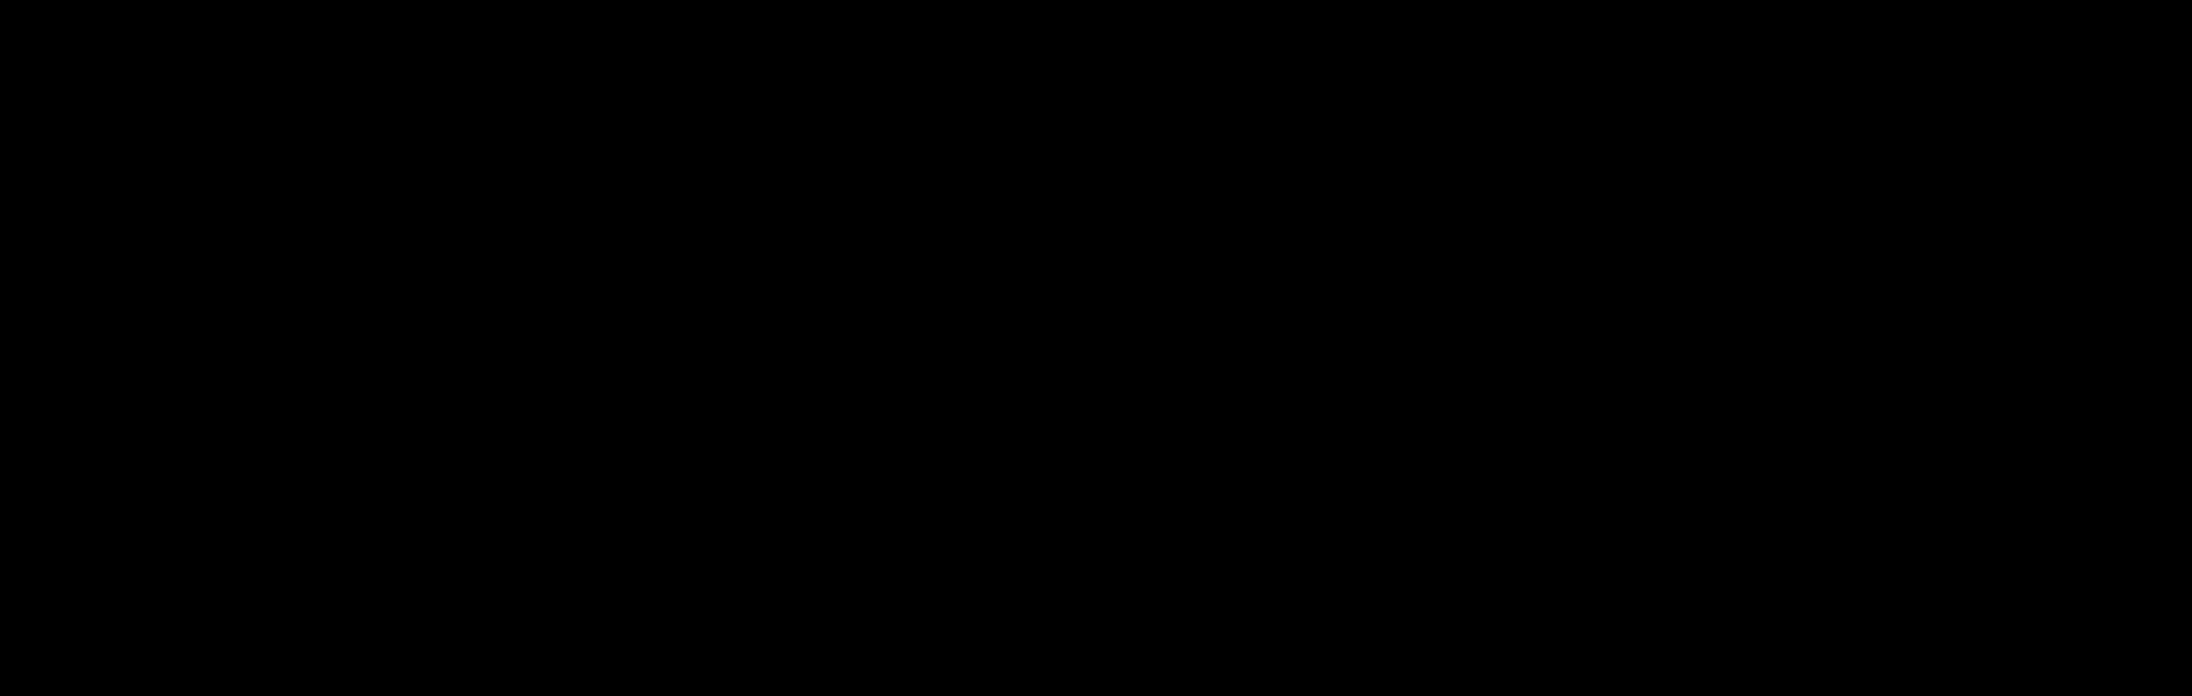 Dihydrohomocapsaicin-II-d<sub>3</sub>